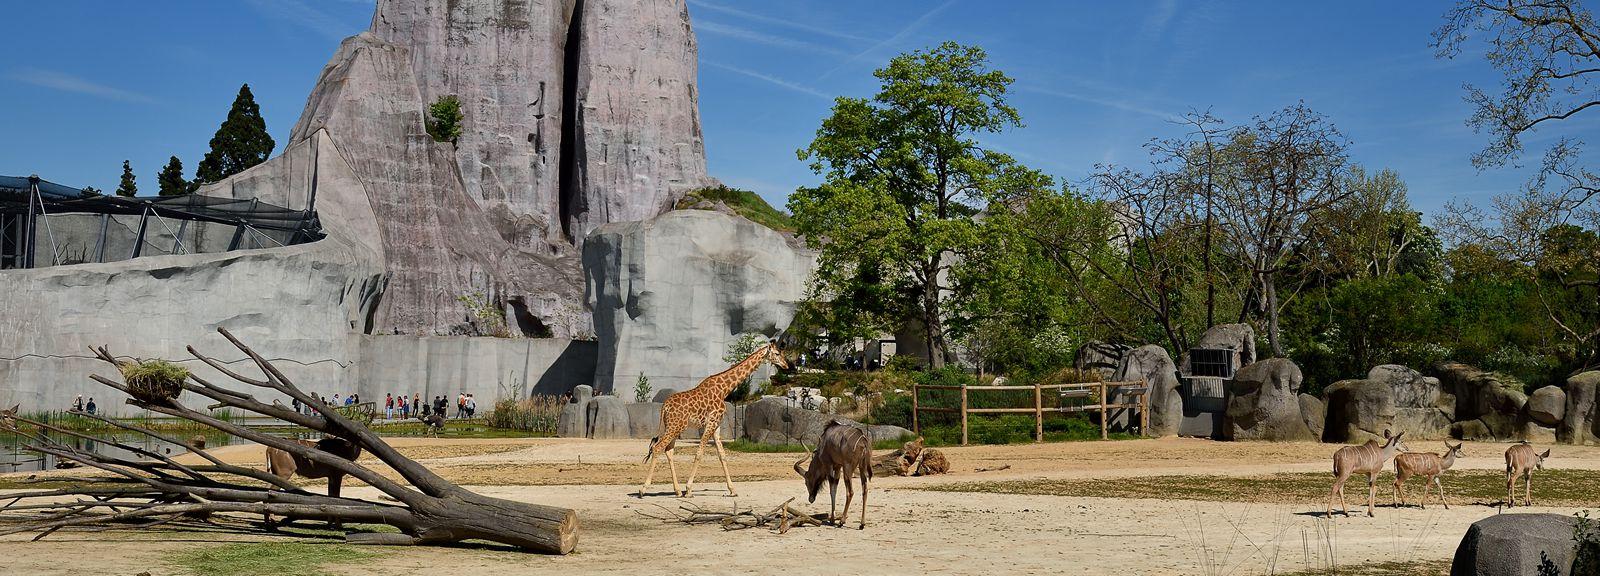 Plaine Sahel-Soudan où cohabitent différentes espèces dont le troupeau des girafes © MNHN - F-G Grandin